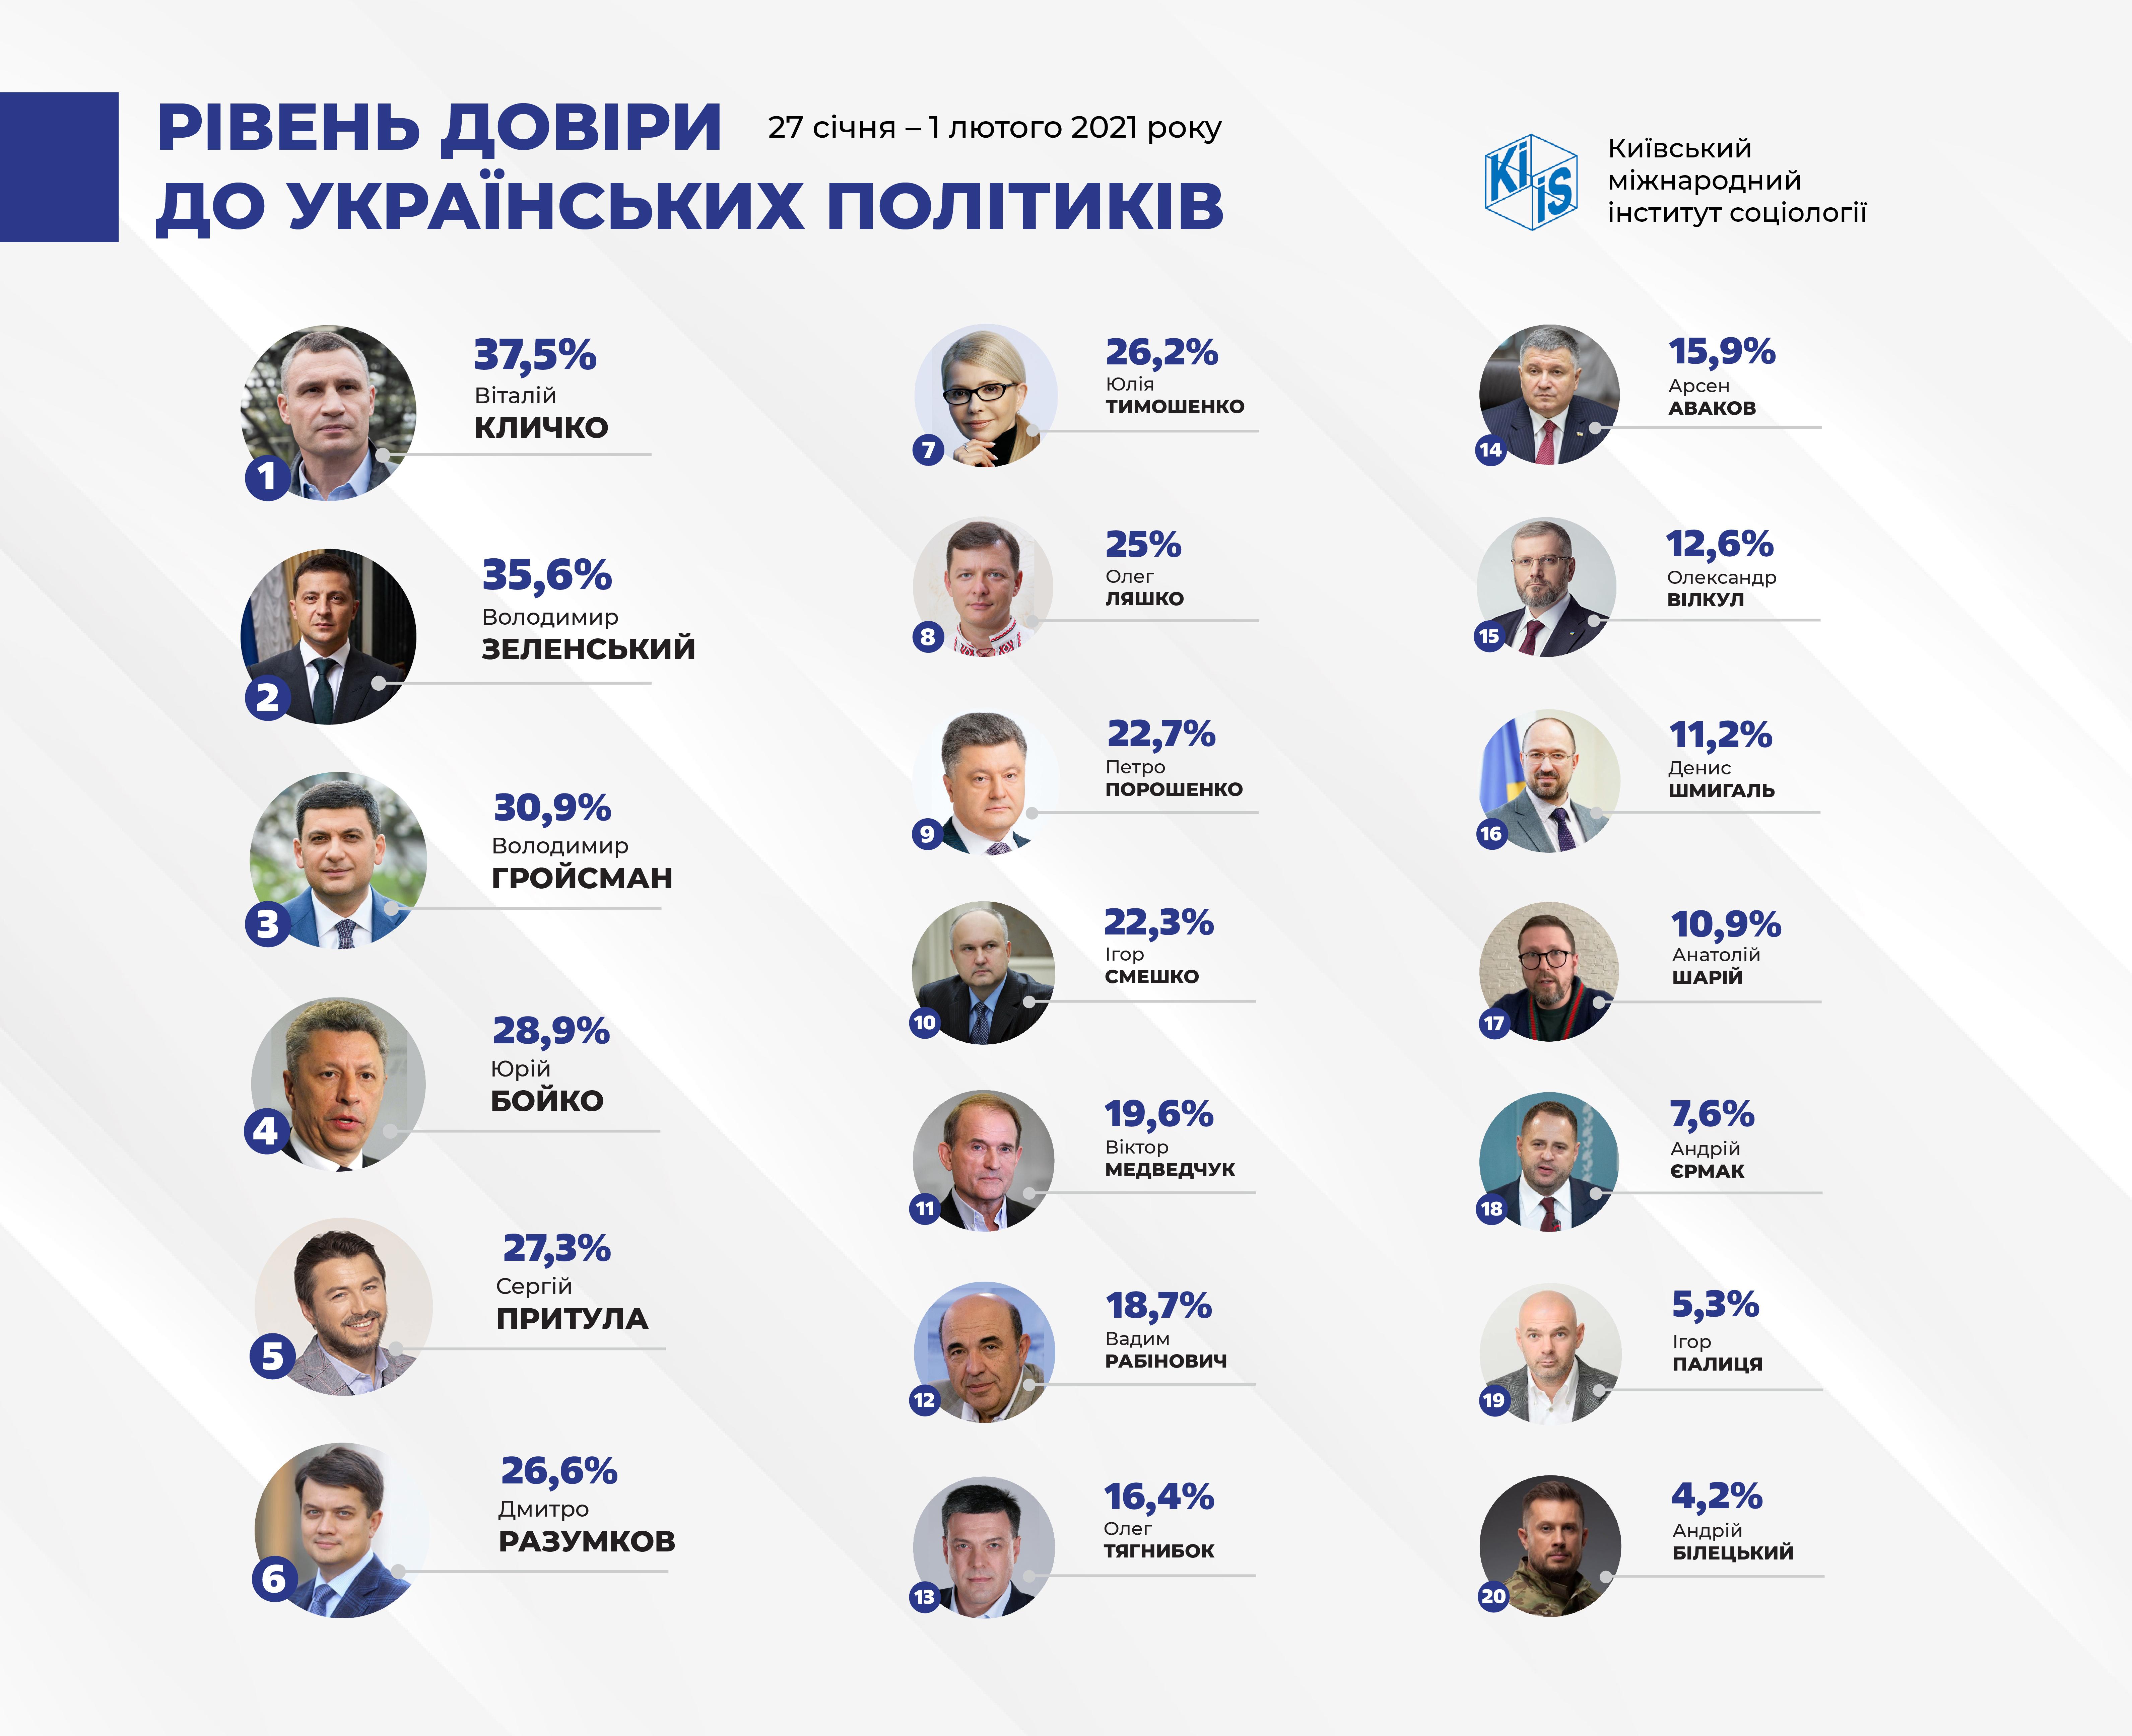 Инфографика: kiis.com.ua